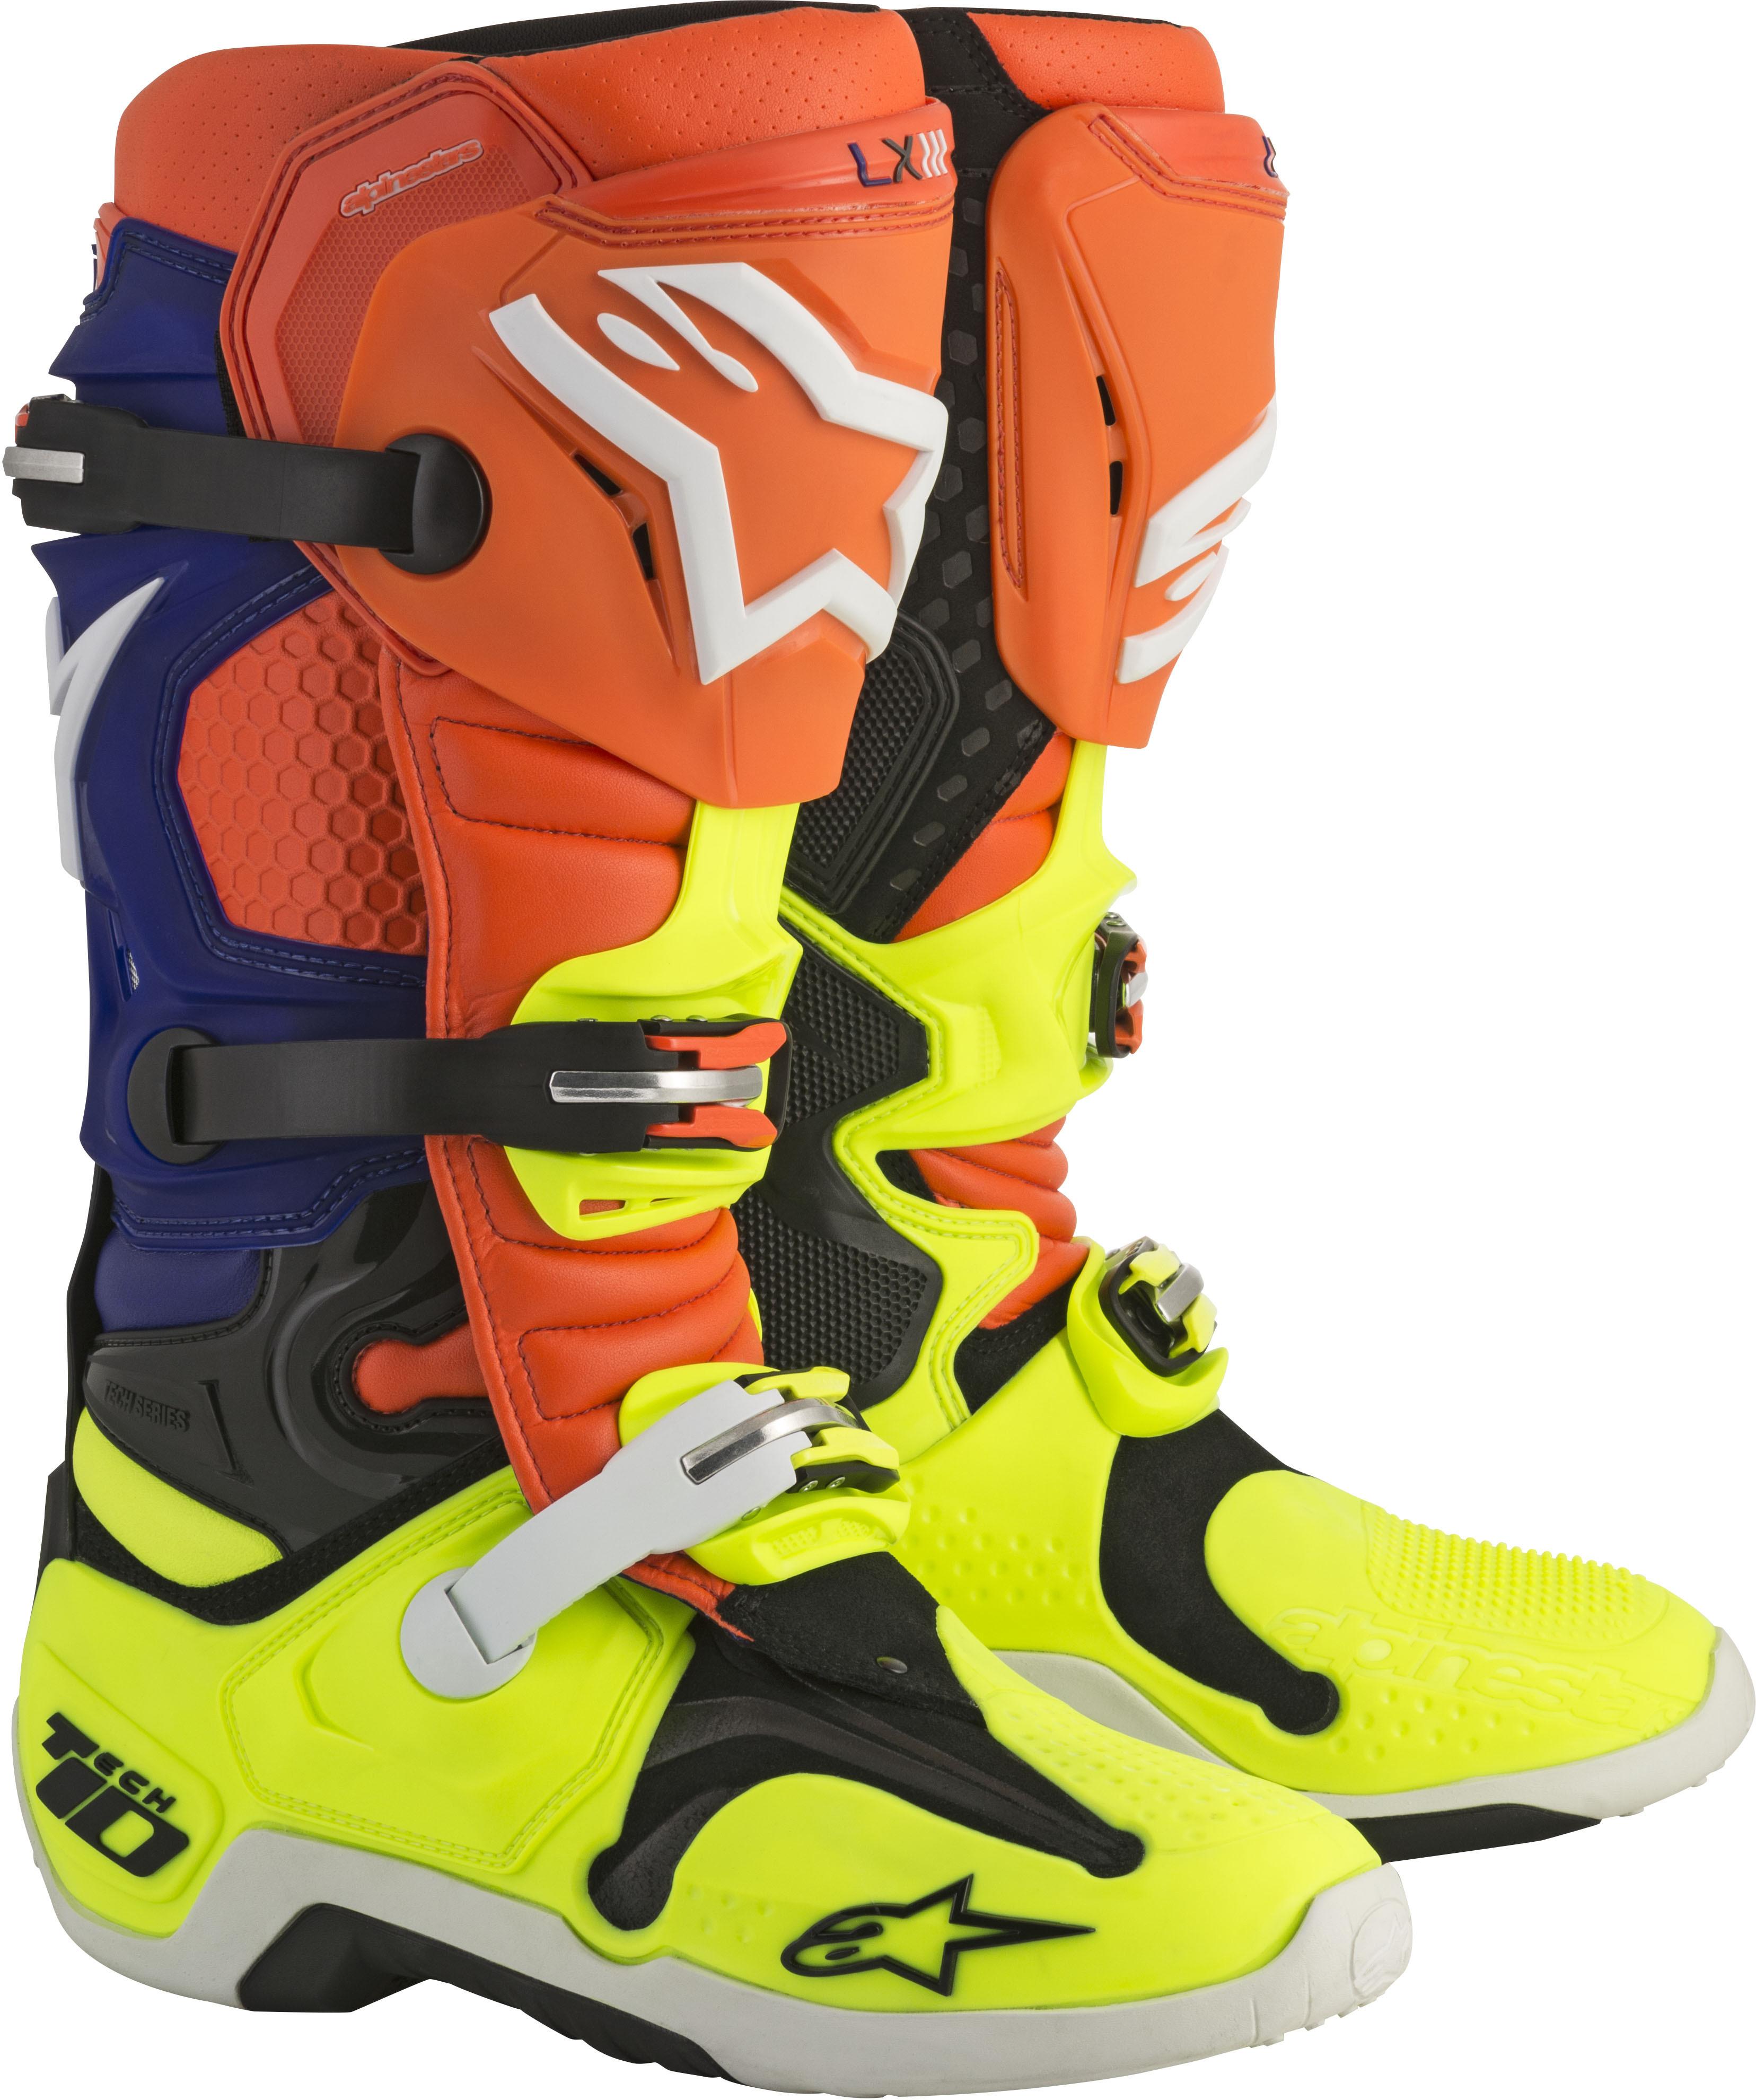 Tech 10 Boots Orange/Blue/White Sz 10